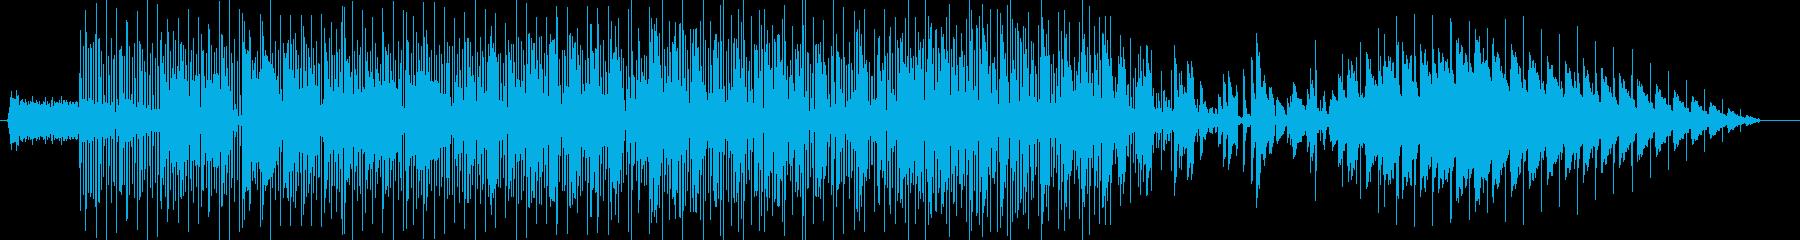 GANI GANIの再生済みの波形